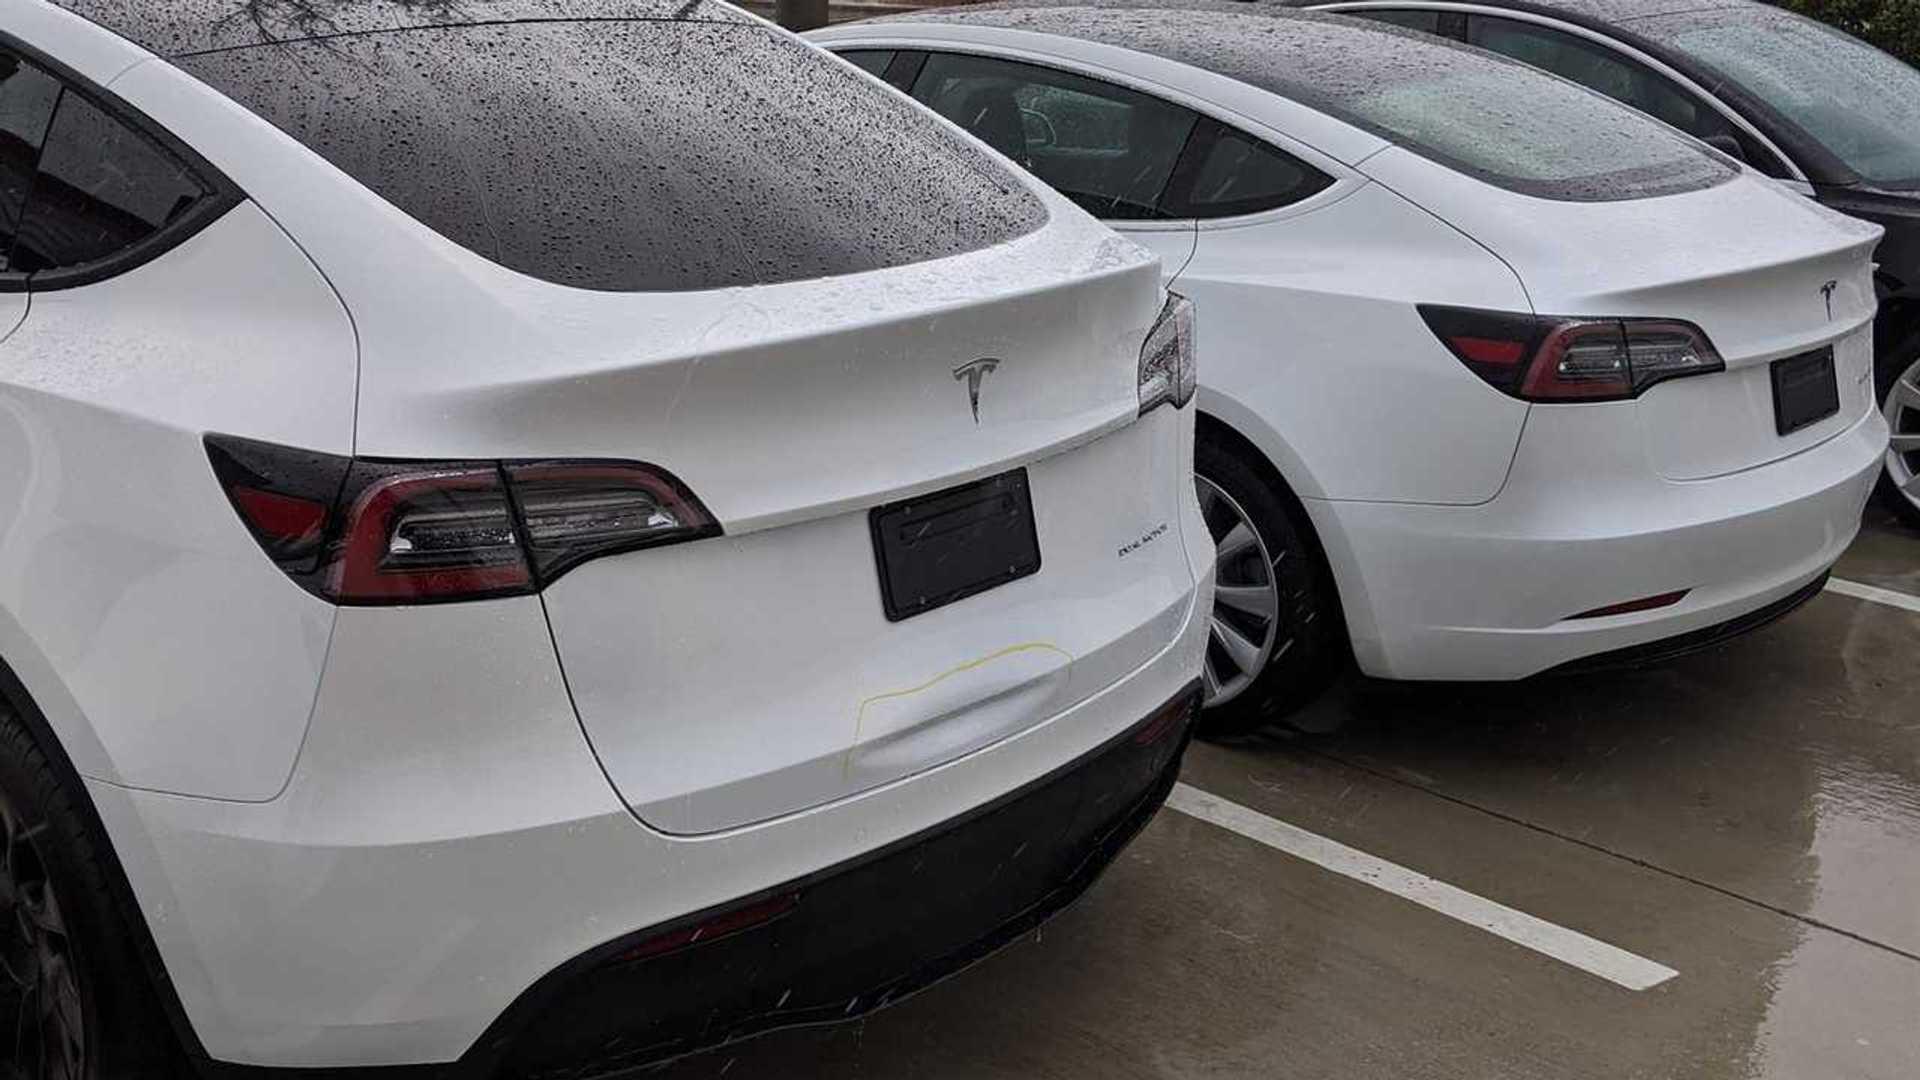 Tesla Model Y Design Flaw: First Dent Discovered On Undelivered Unit